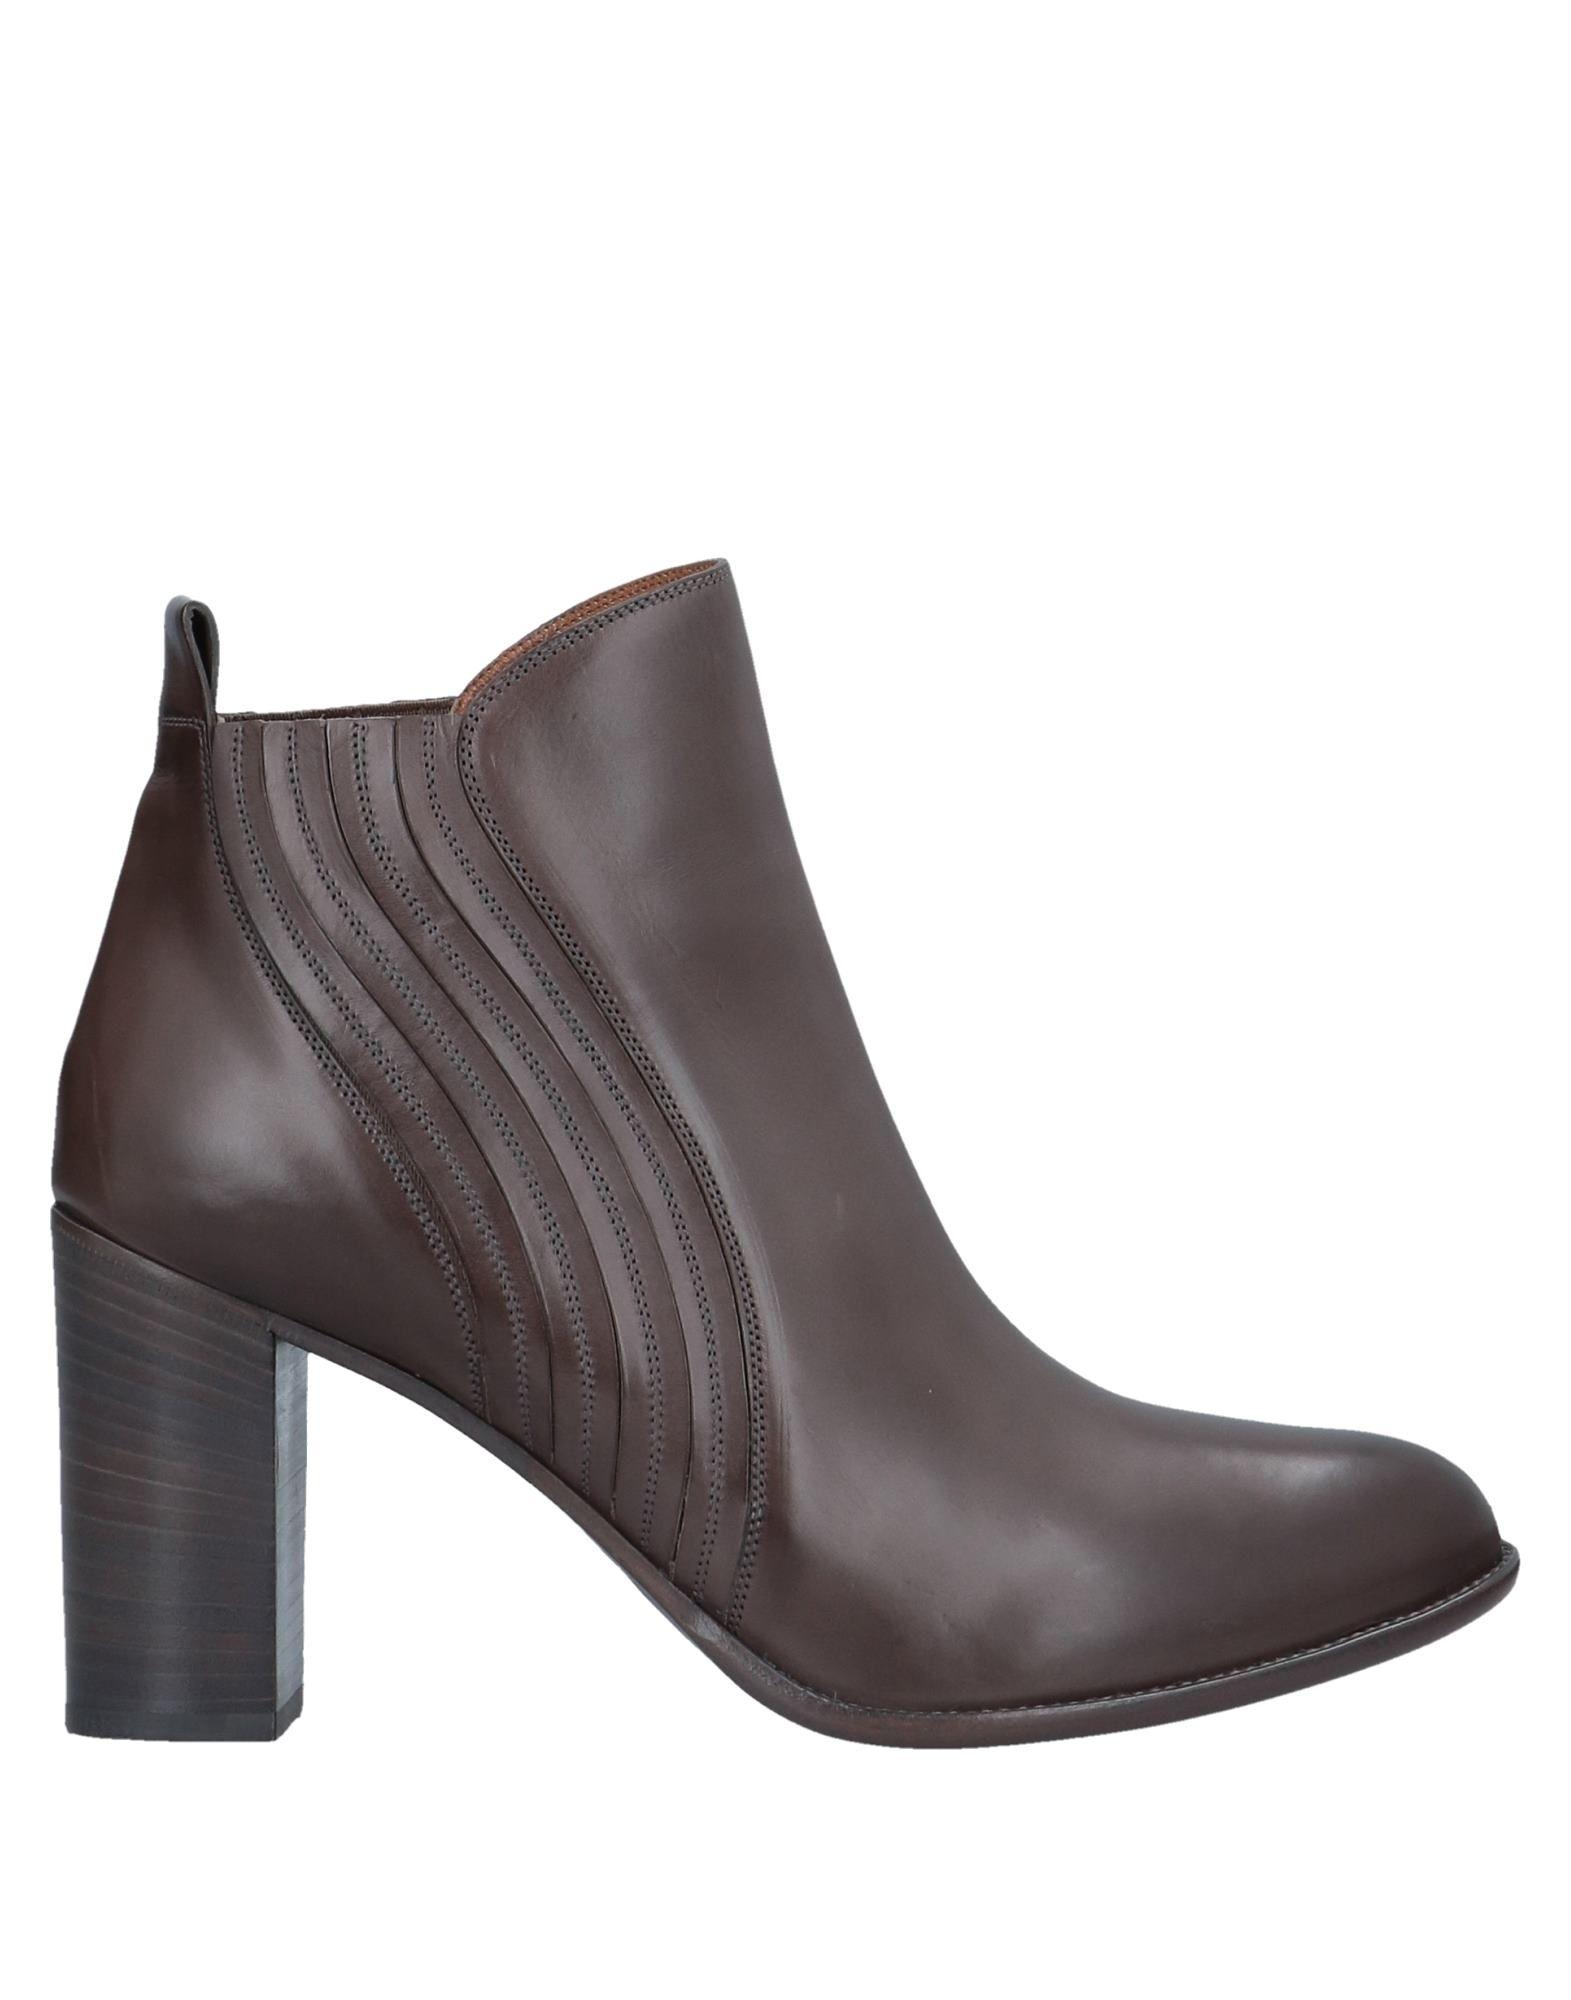 Sartore Stiefelette Damen  11519754PIGut aussehende strapazierfähige Schuhe